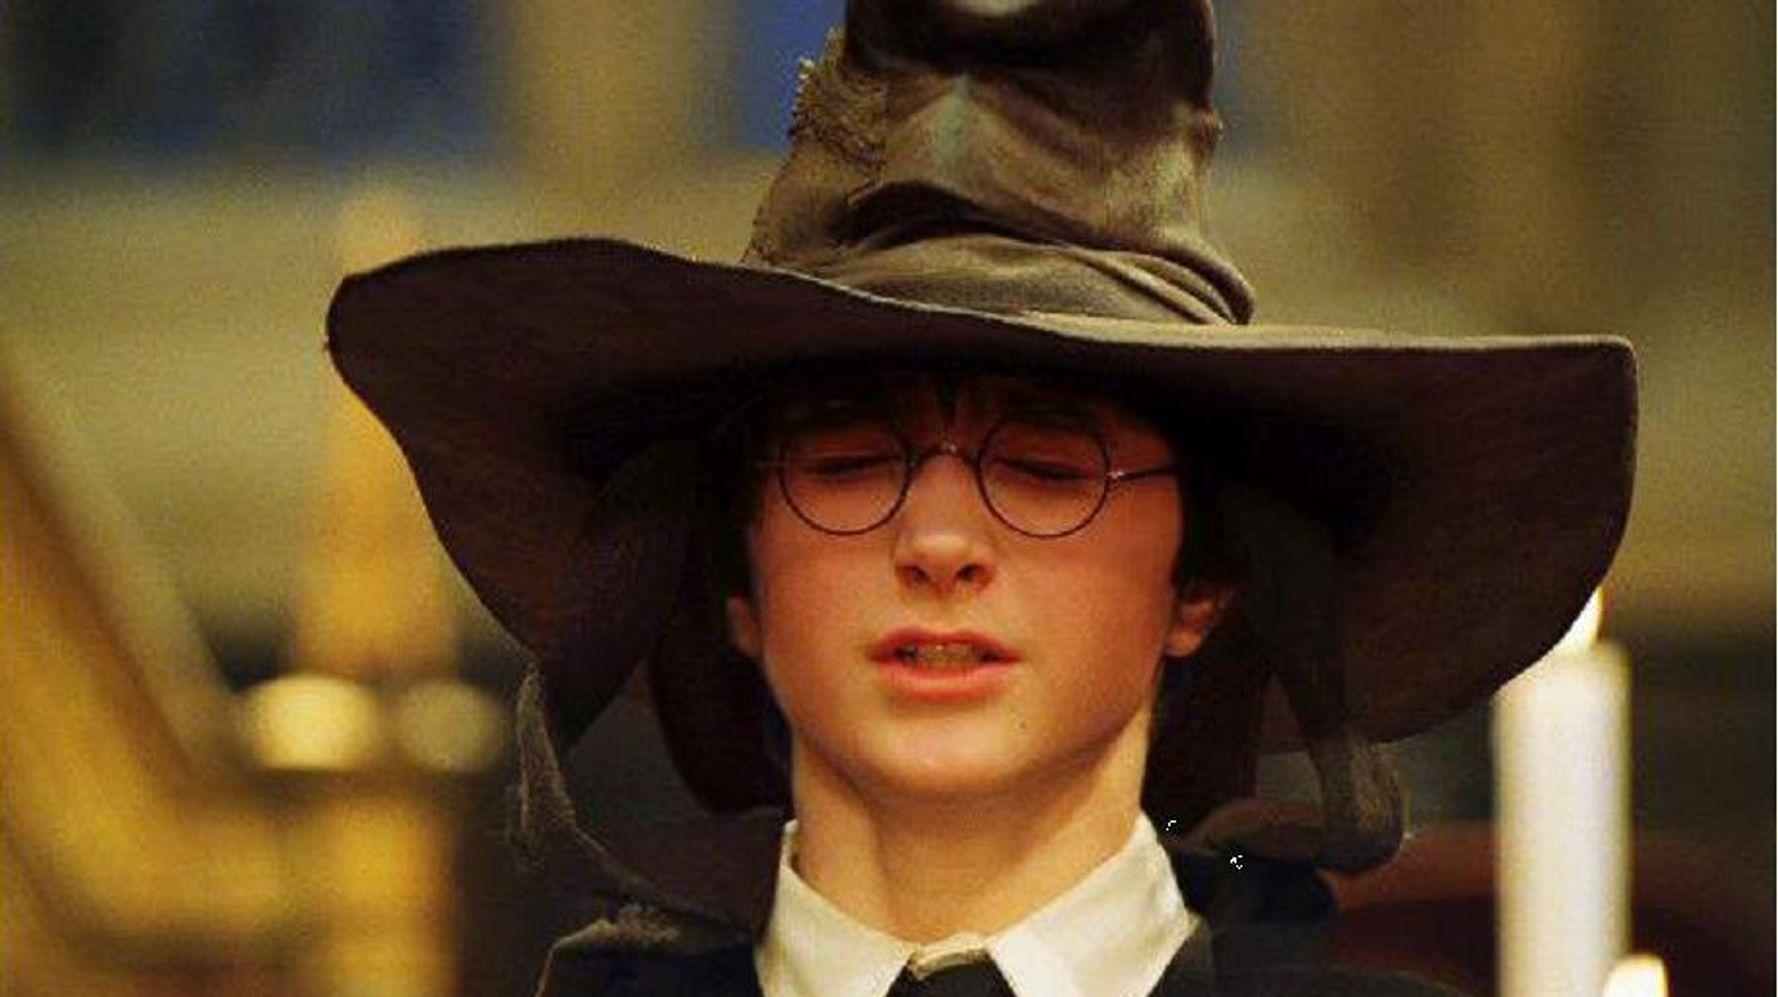 Un souper Harry Potter gastronomique à l'ITHQ